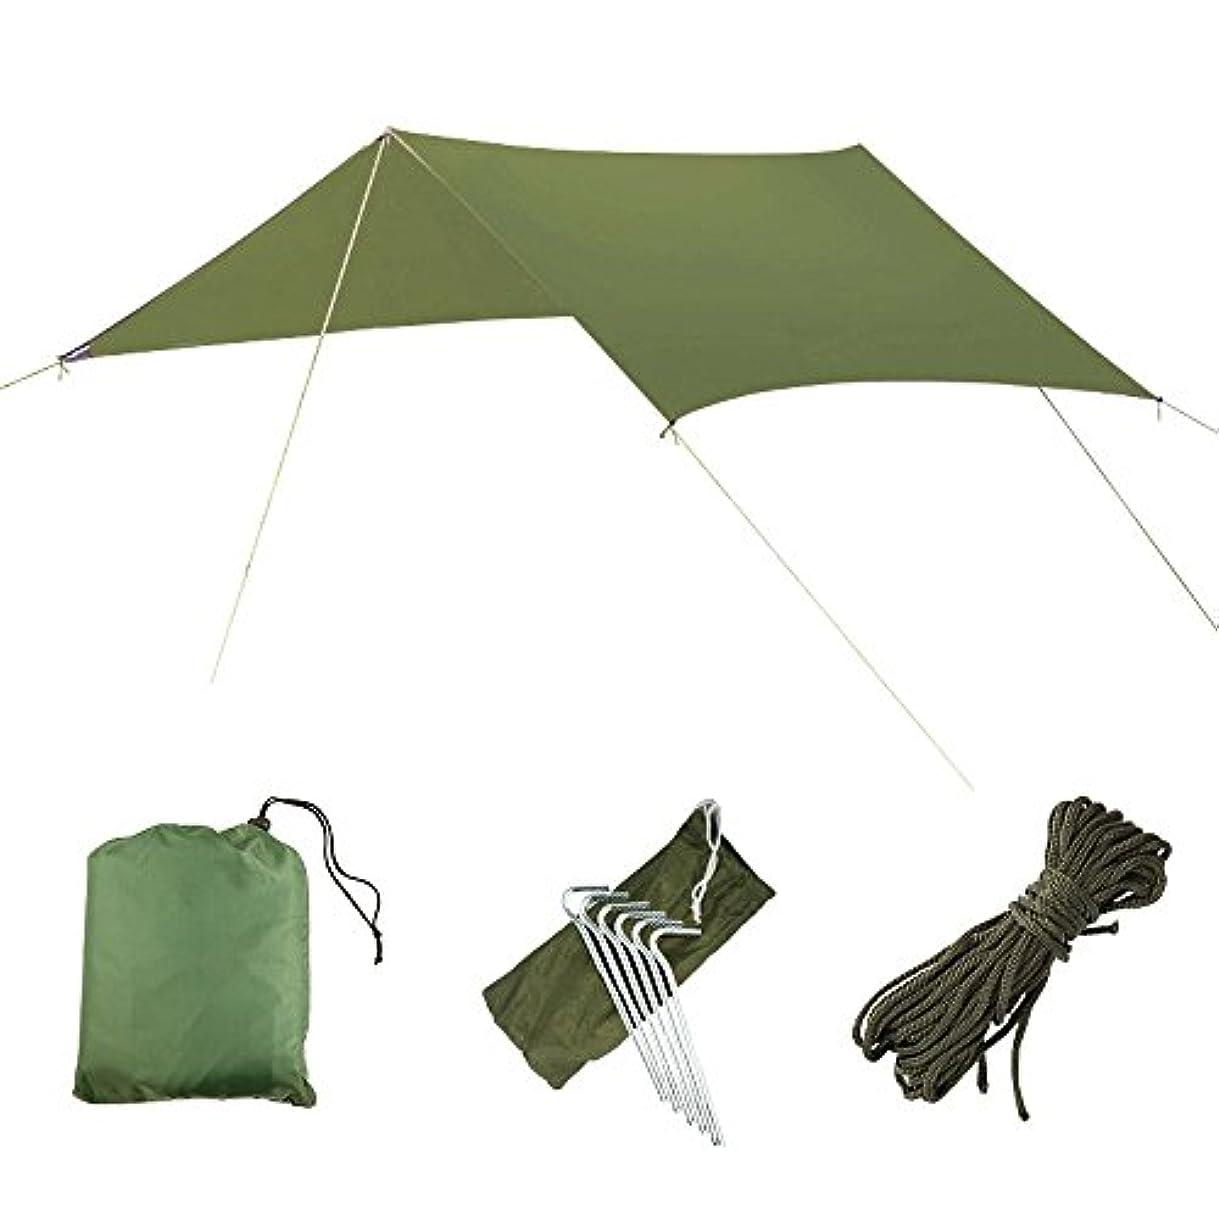 追跡に話す統計タープ防水 天幕シェード UVカット レジャーシート テントタープ3m 軽量 ピクニックマット アウトドア キャンプ 日よけ 日陰マット 収納袋付き